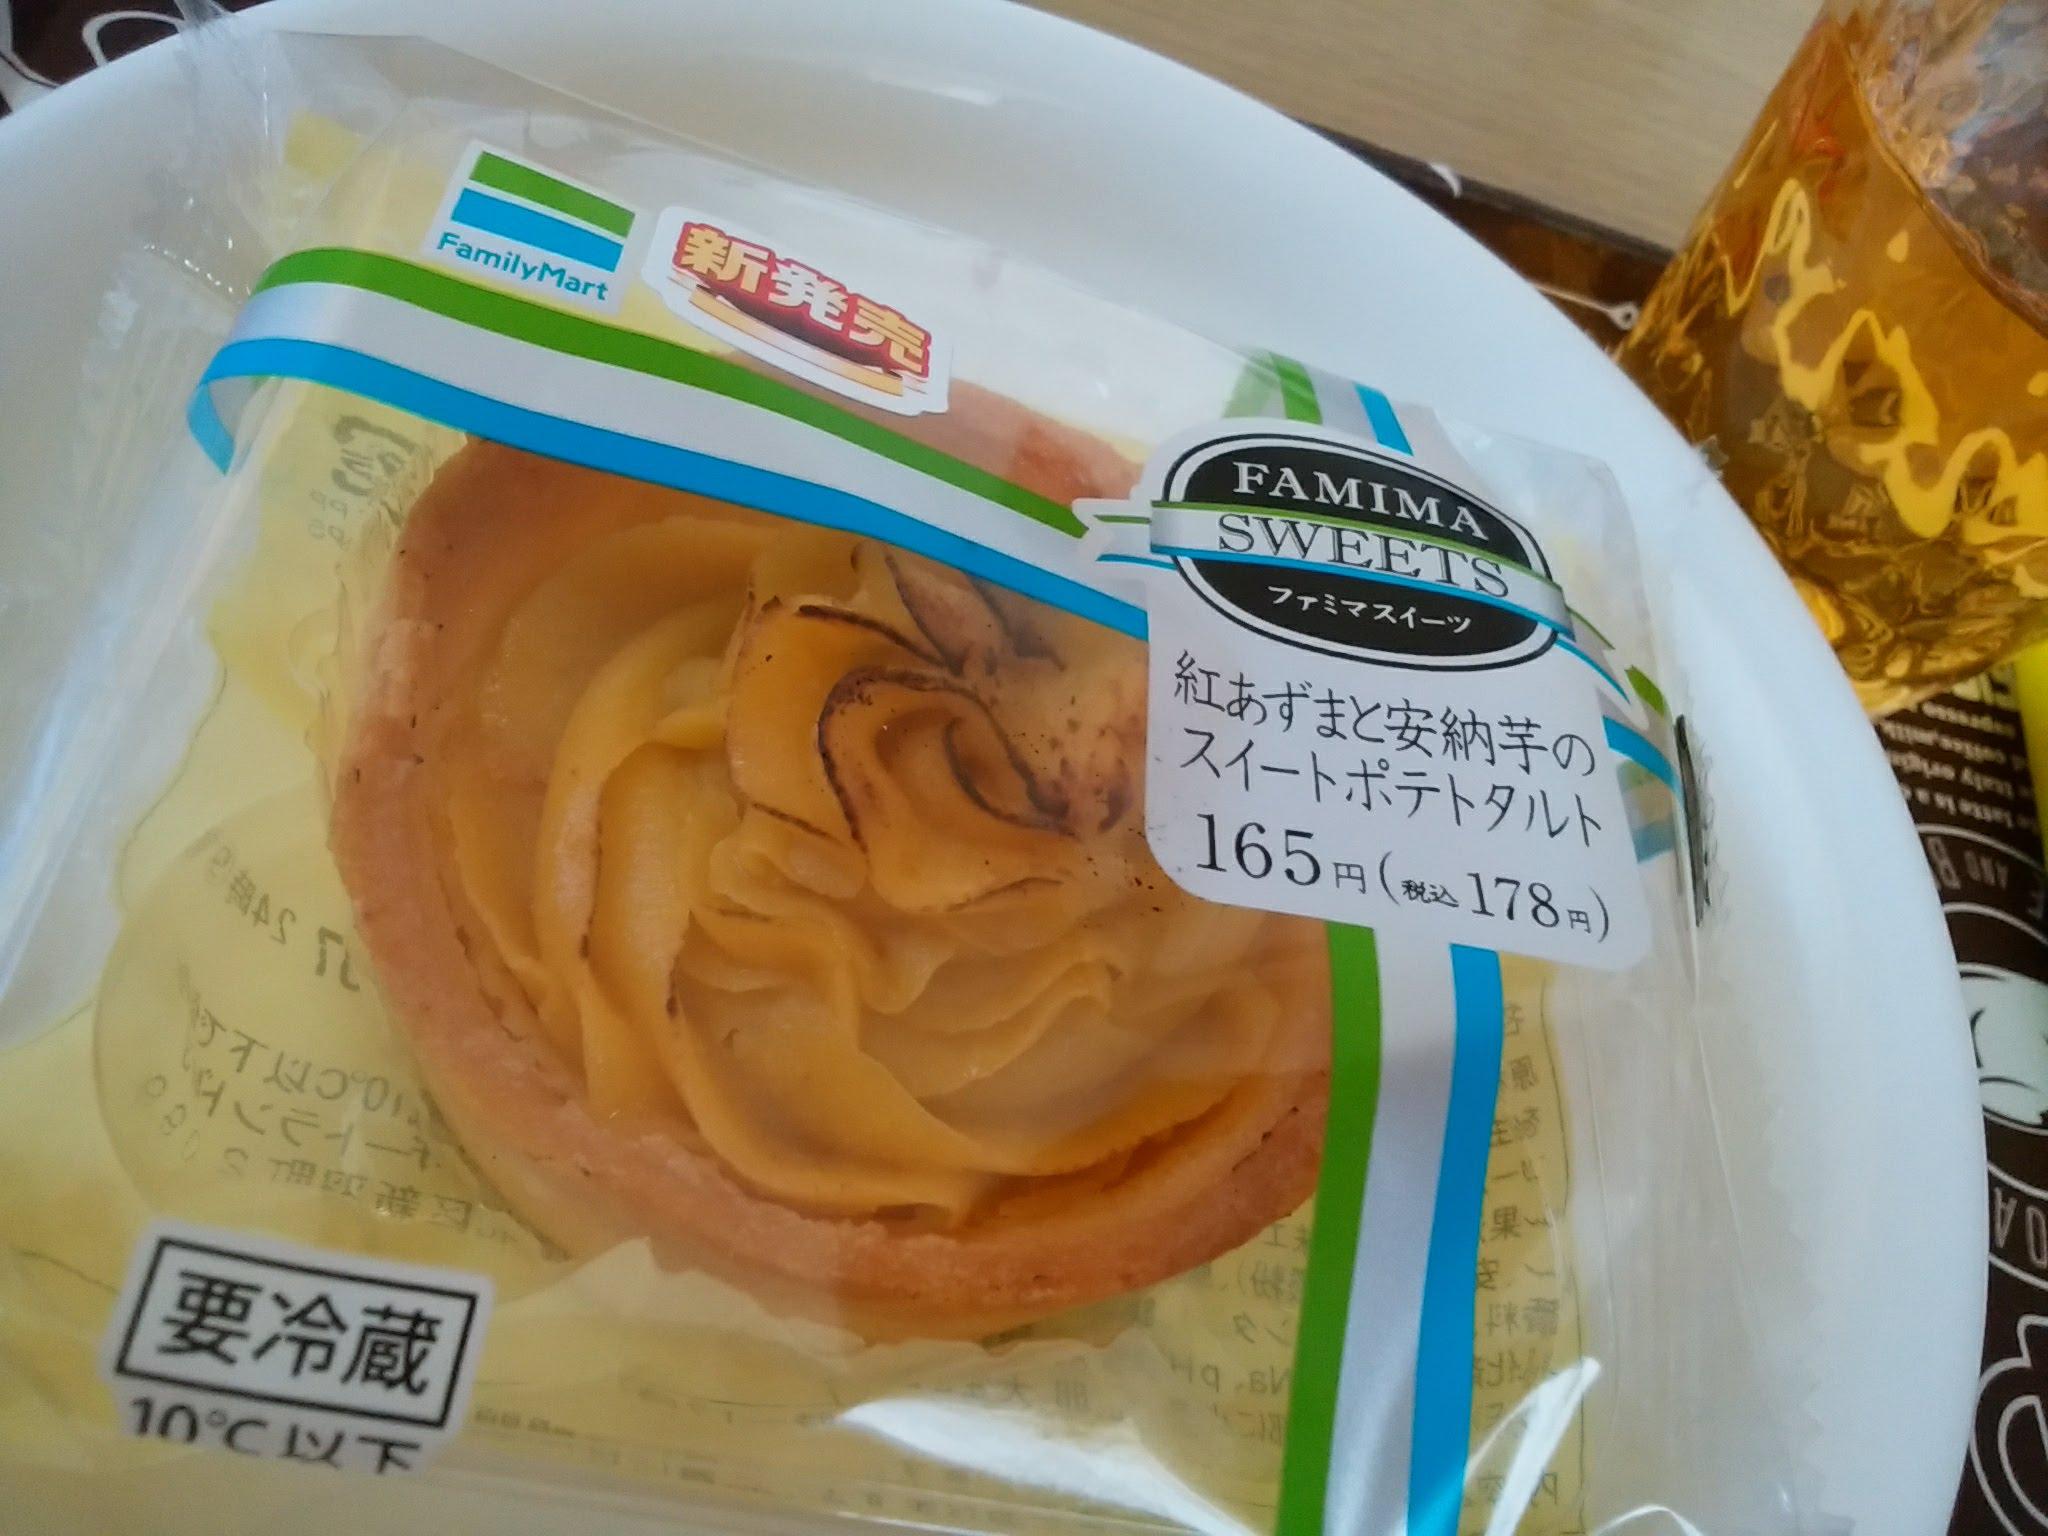 紅あずまと安納芋のスイートポテトタルト